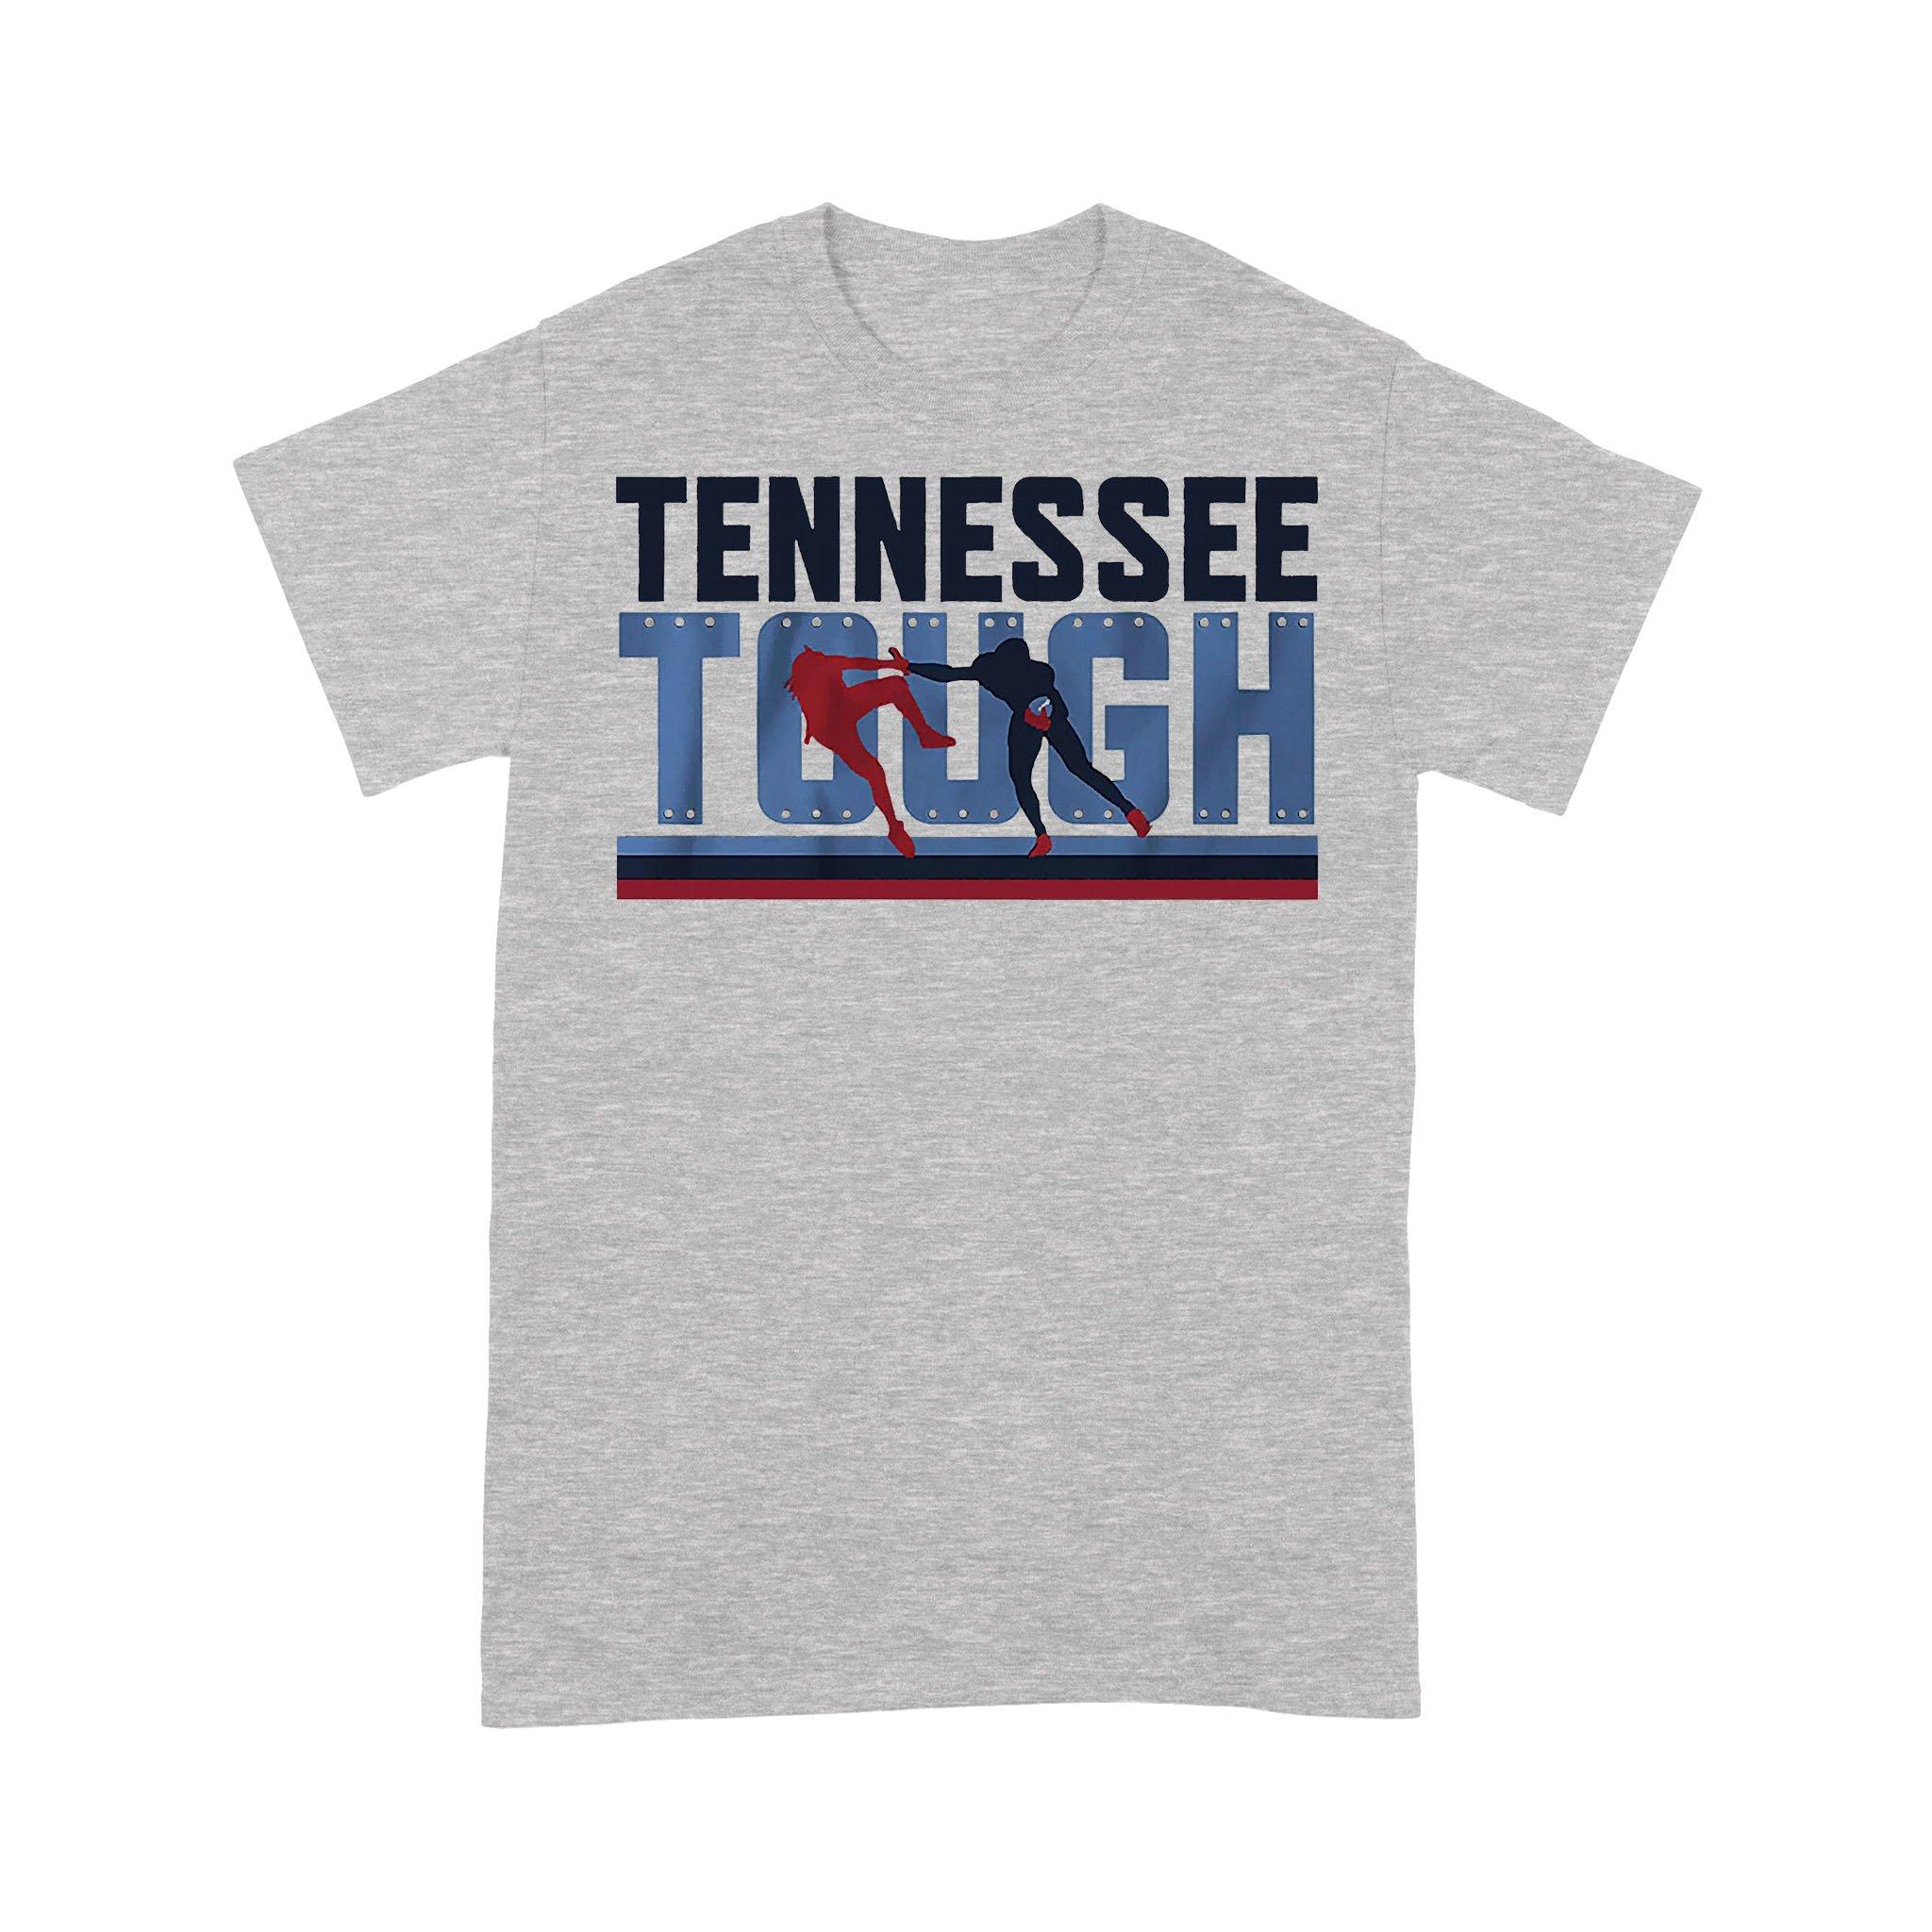 Tennessee Tough Nashville Football T-shirt